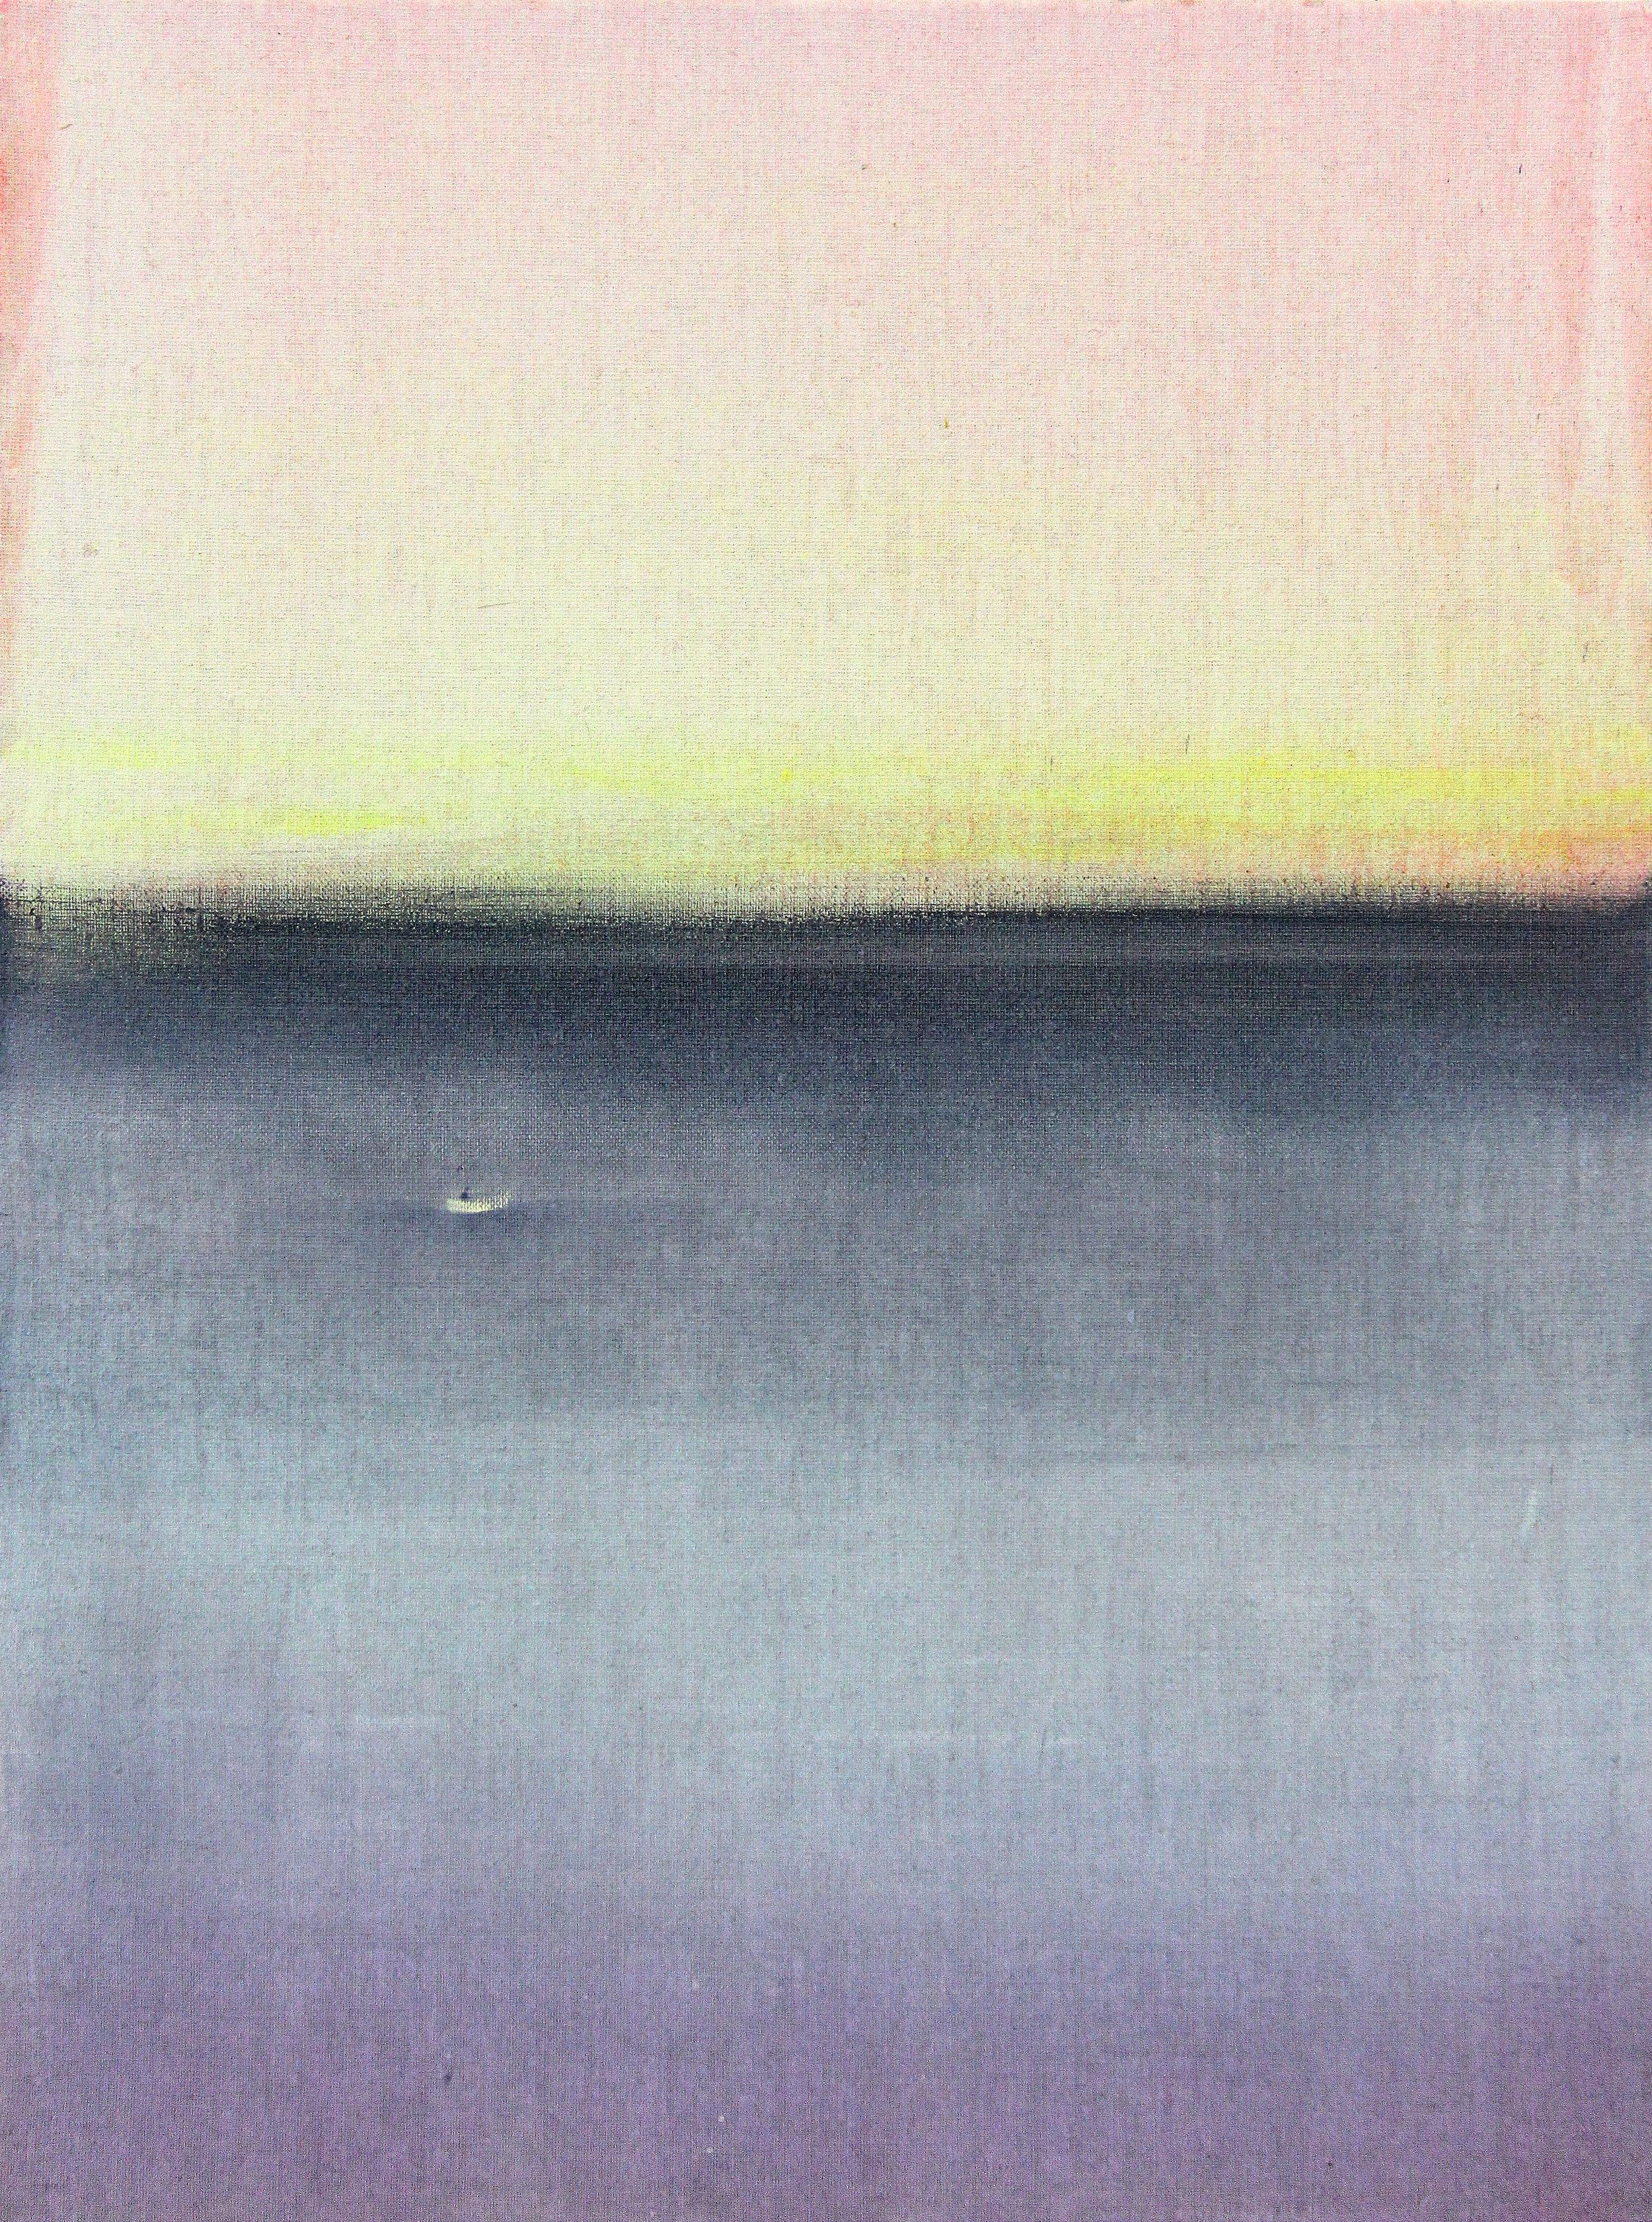 01_O.T.(Meer), 2017, Acryl Öl auf Leinwand, 80x60cm.jpg